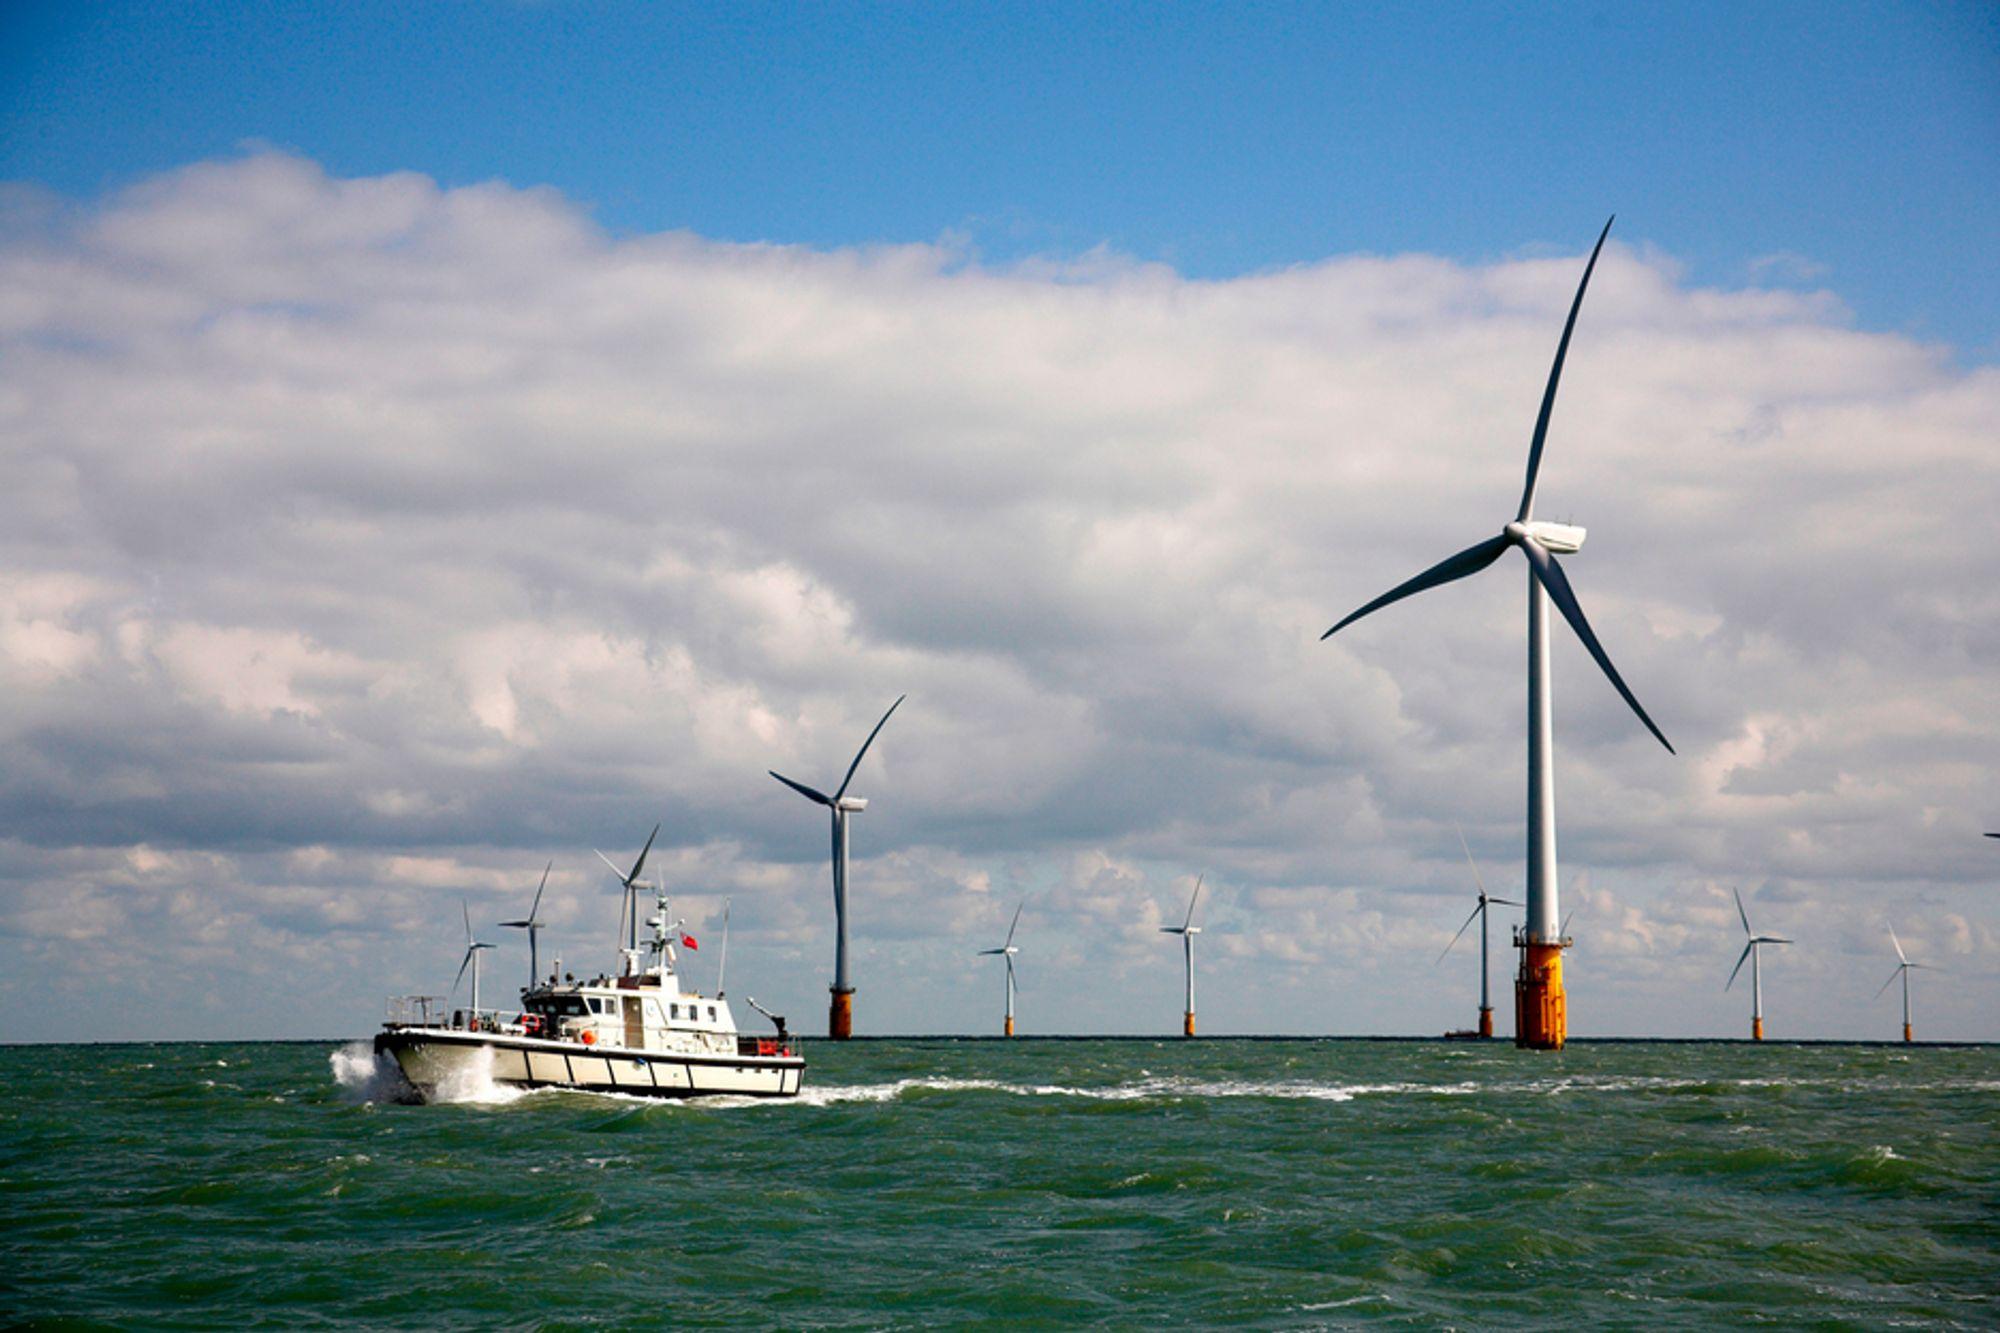 STØRST I VERDEN: Vindparken Thanet utenfor England er verdens største havvindpark med 300 MW installert effekt. Dermed er danske Horns Rev 2 danket ut.